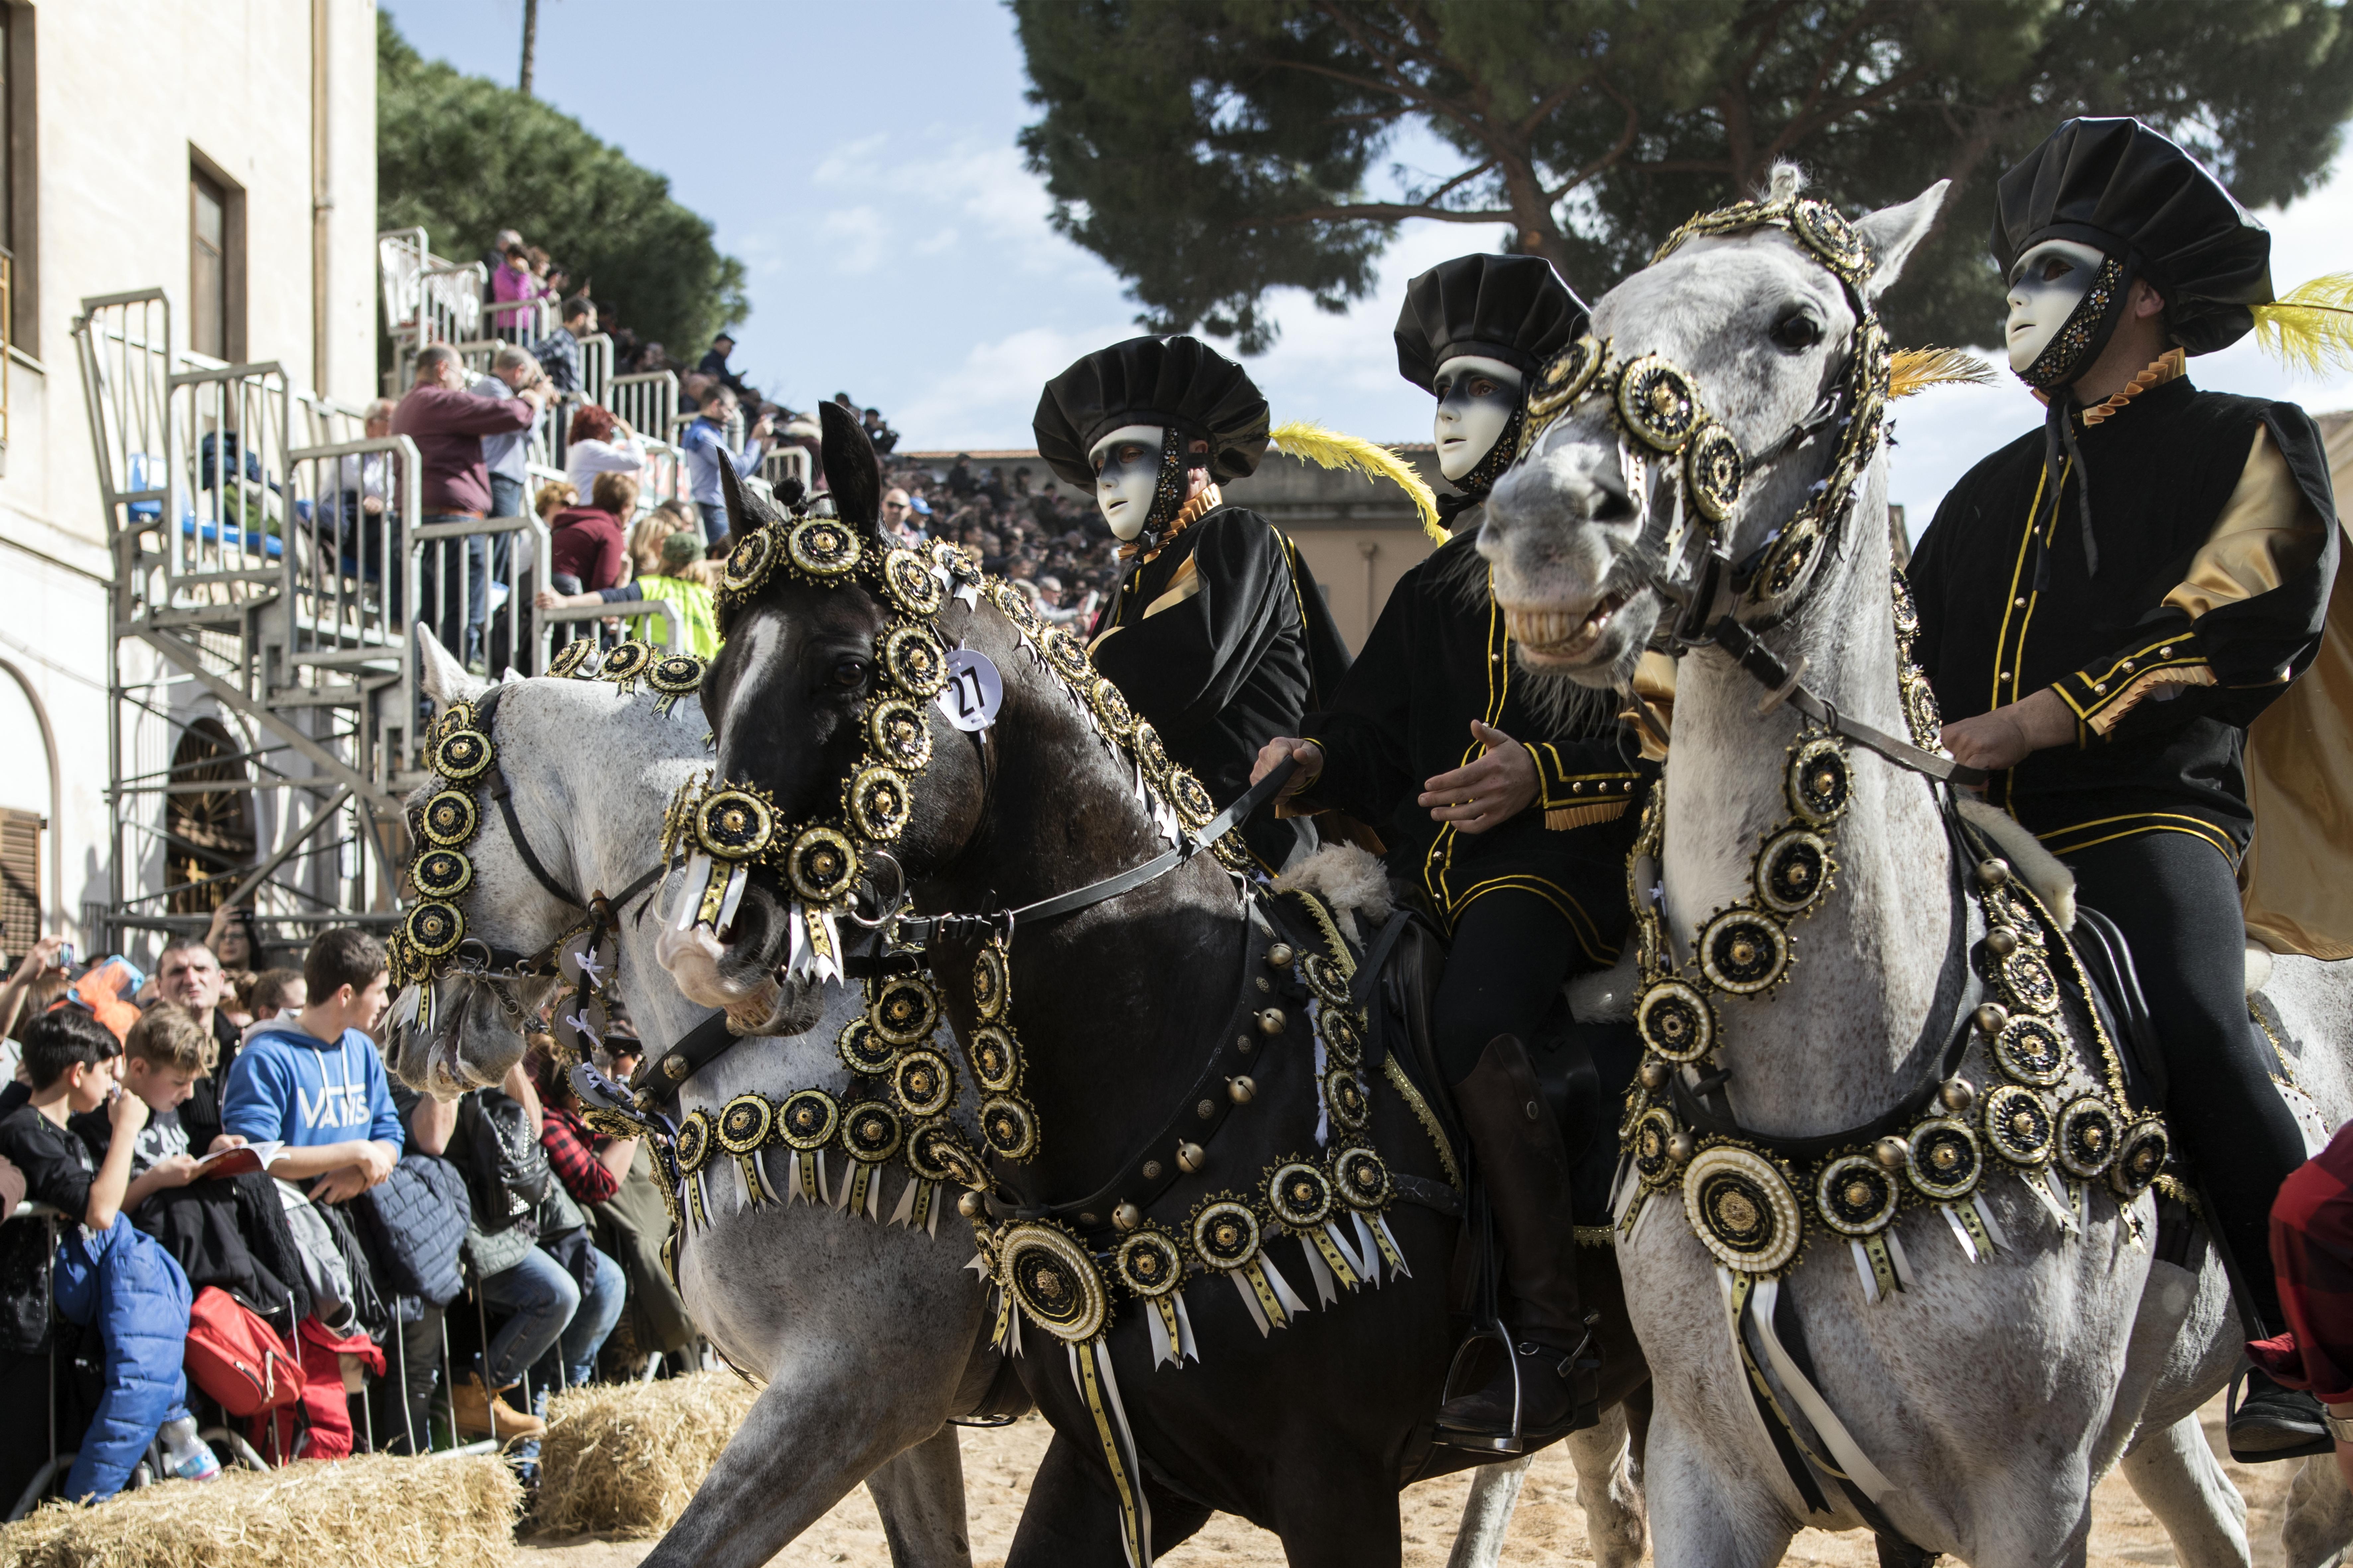 Corteo di cavalieri - Sa Sartiglia (da www.sartiglia.info)